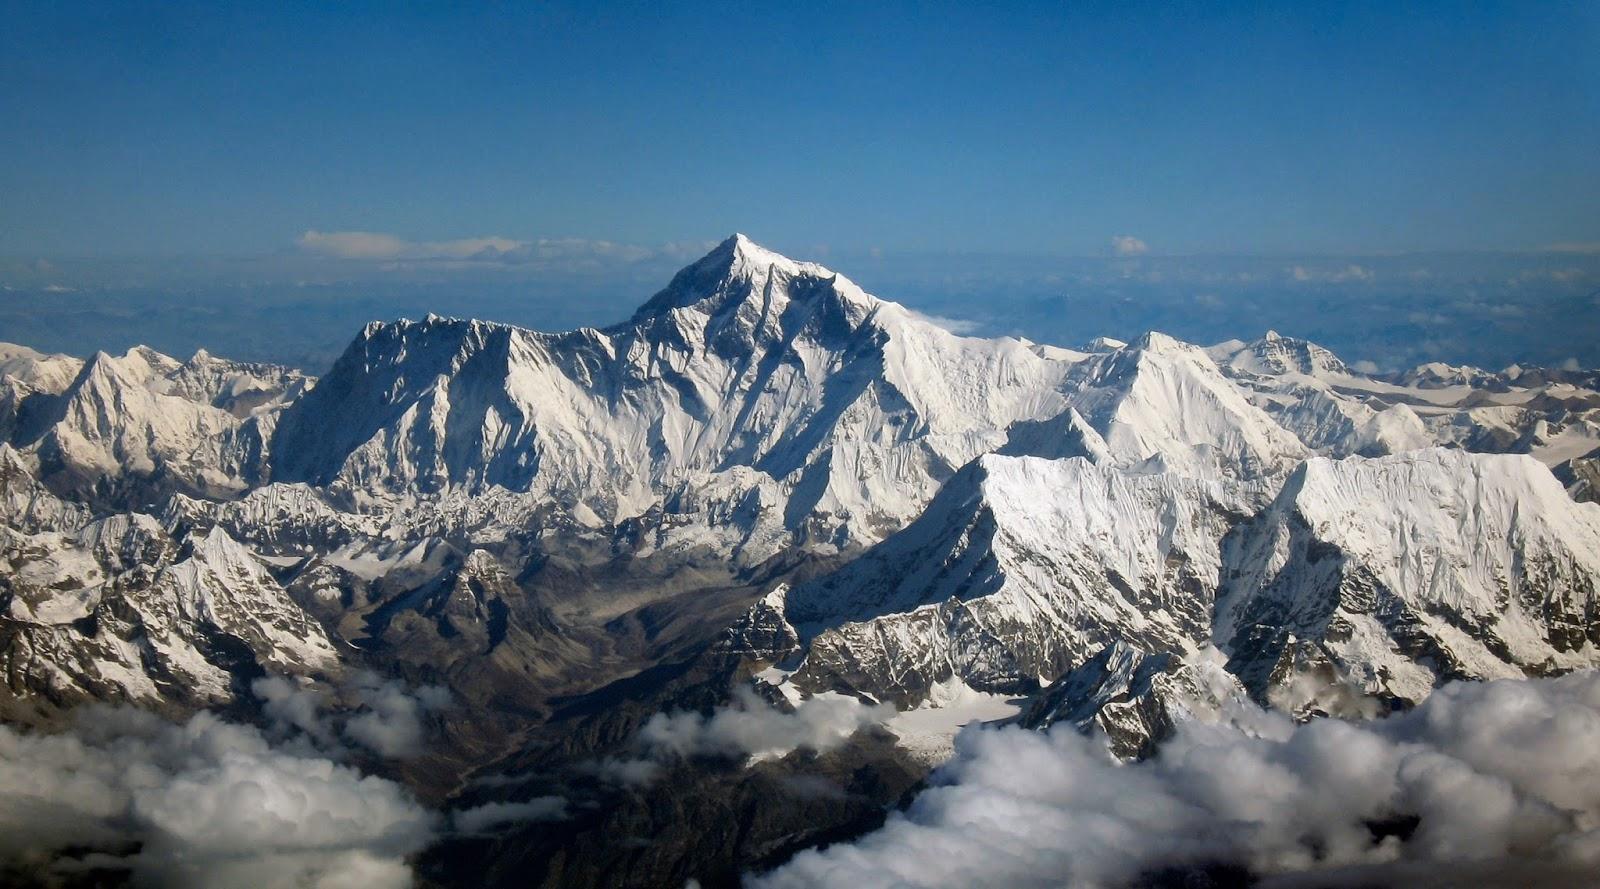 ditemukan gunung tertinggi di dunia sebenarnya gunung tertinggi di dunia selain everest gunung tertinggi di dunia setelah everest gunung tertinggi di dunia terbaru gunung tertinggi di dunia terdapat di gunung tertinggi di dunia terdapat di benua gunung tertinggi di dunia terdapat di mana gunung tertinggi di dunia terdapat di negara gunung tertinggi di dunia terdapat di pegunungan gunung tertinggi di dunia terletak di